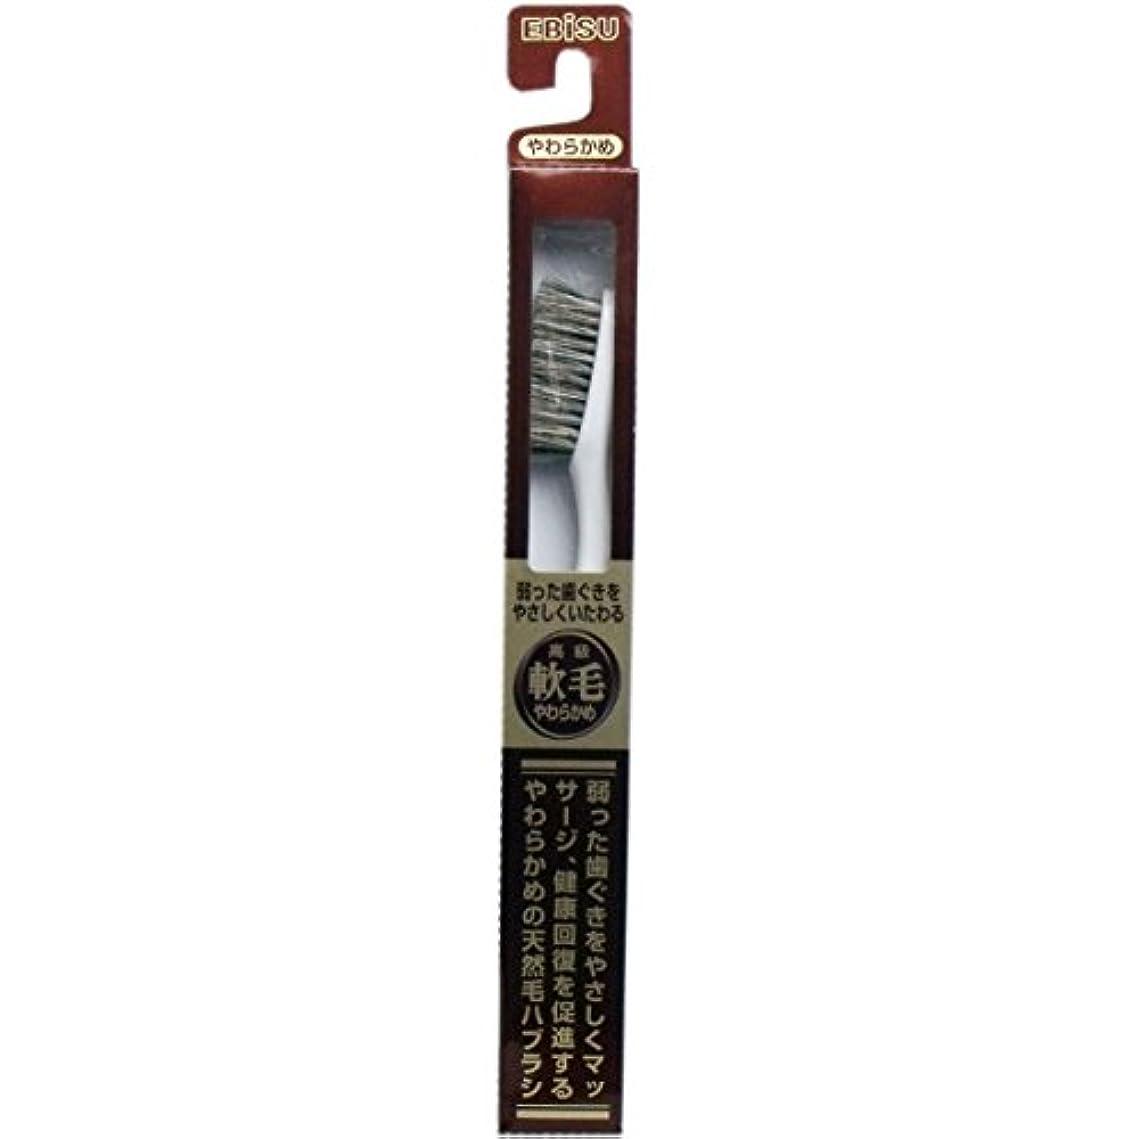 入力パトロール答え【エビス】天然毛軟毛歯ブラシ 500 やわらかめ 1本 ×10個セット